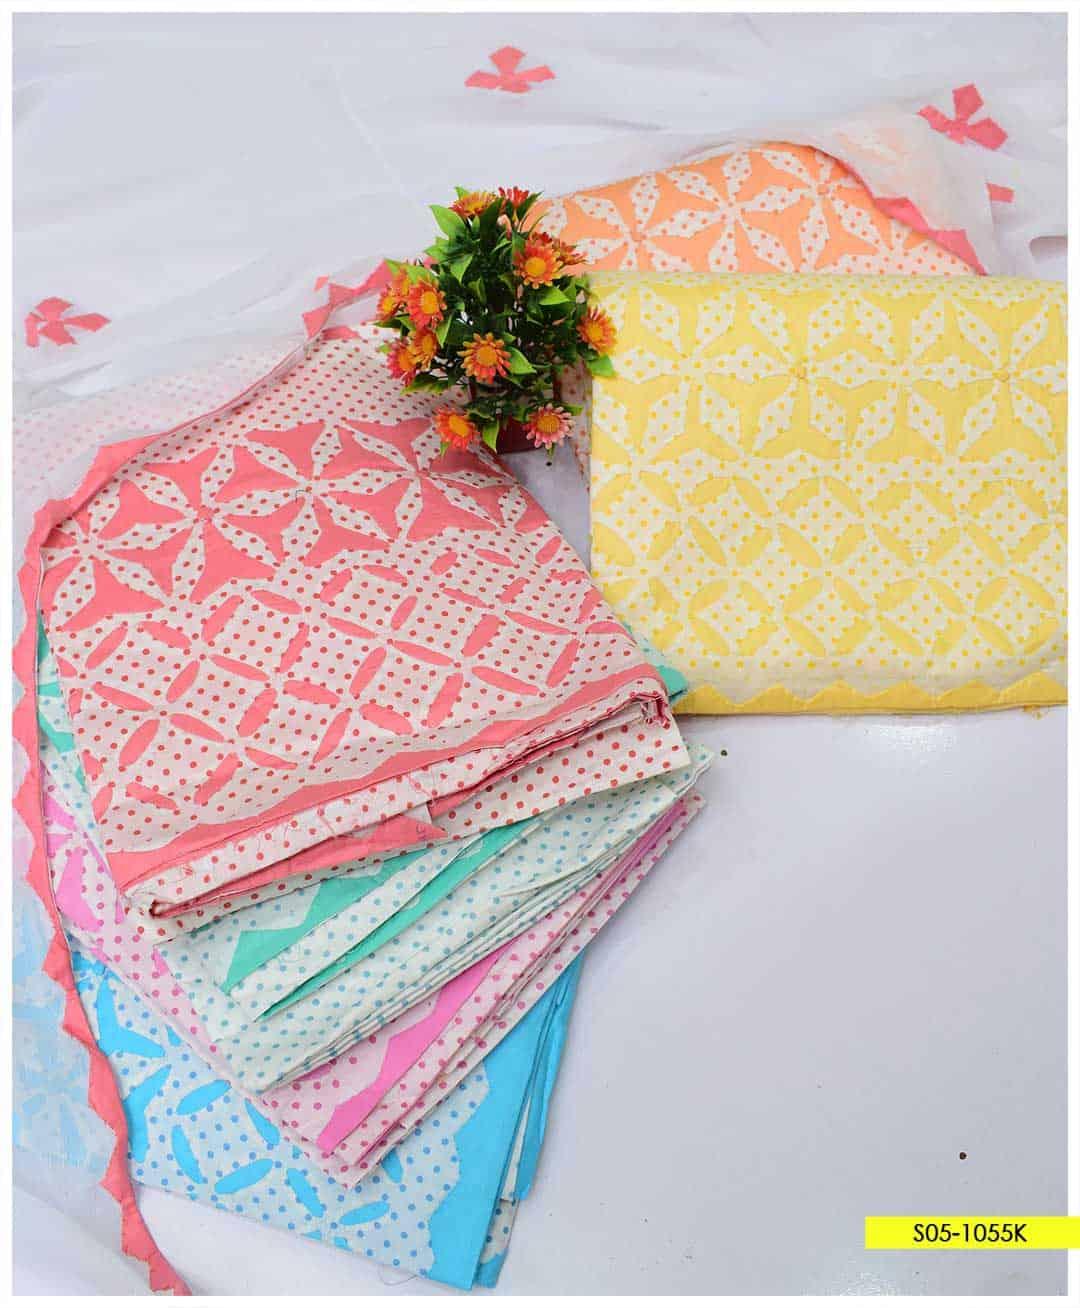 3 PCs Handmade Applique Work Cotton Lawn Suits with Chiffon Dupatta - S05-1055K